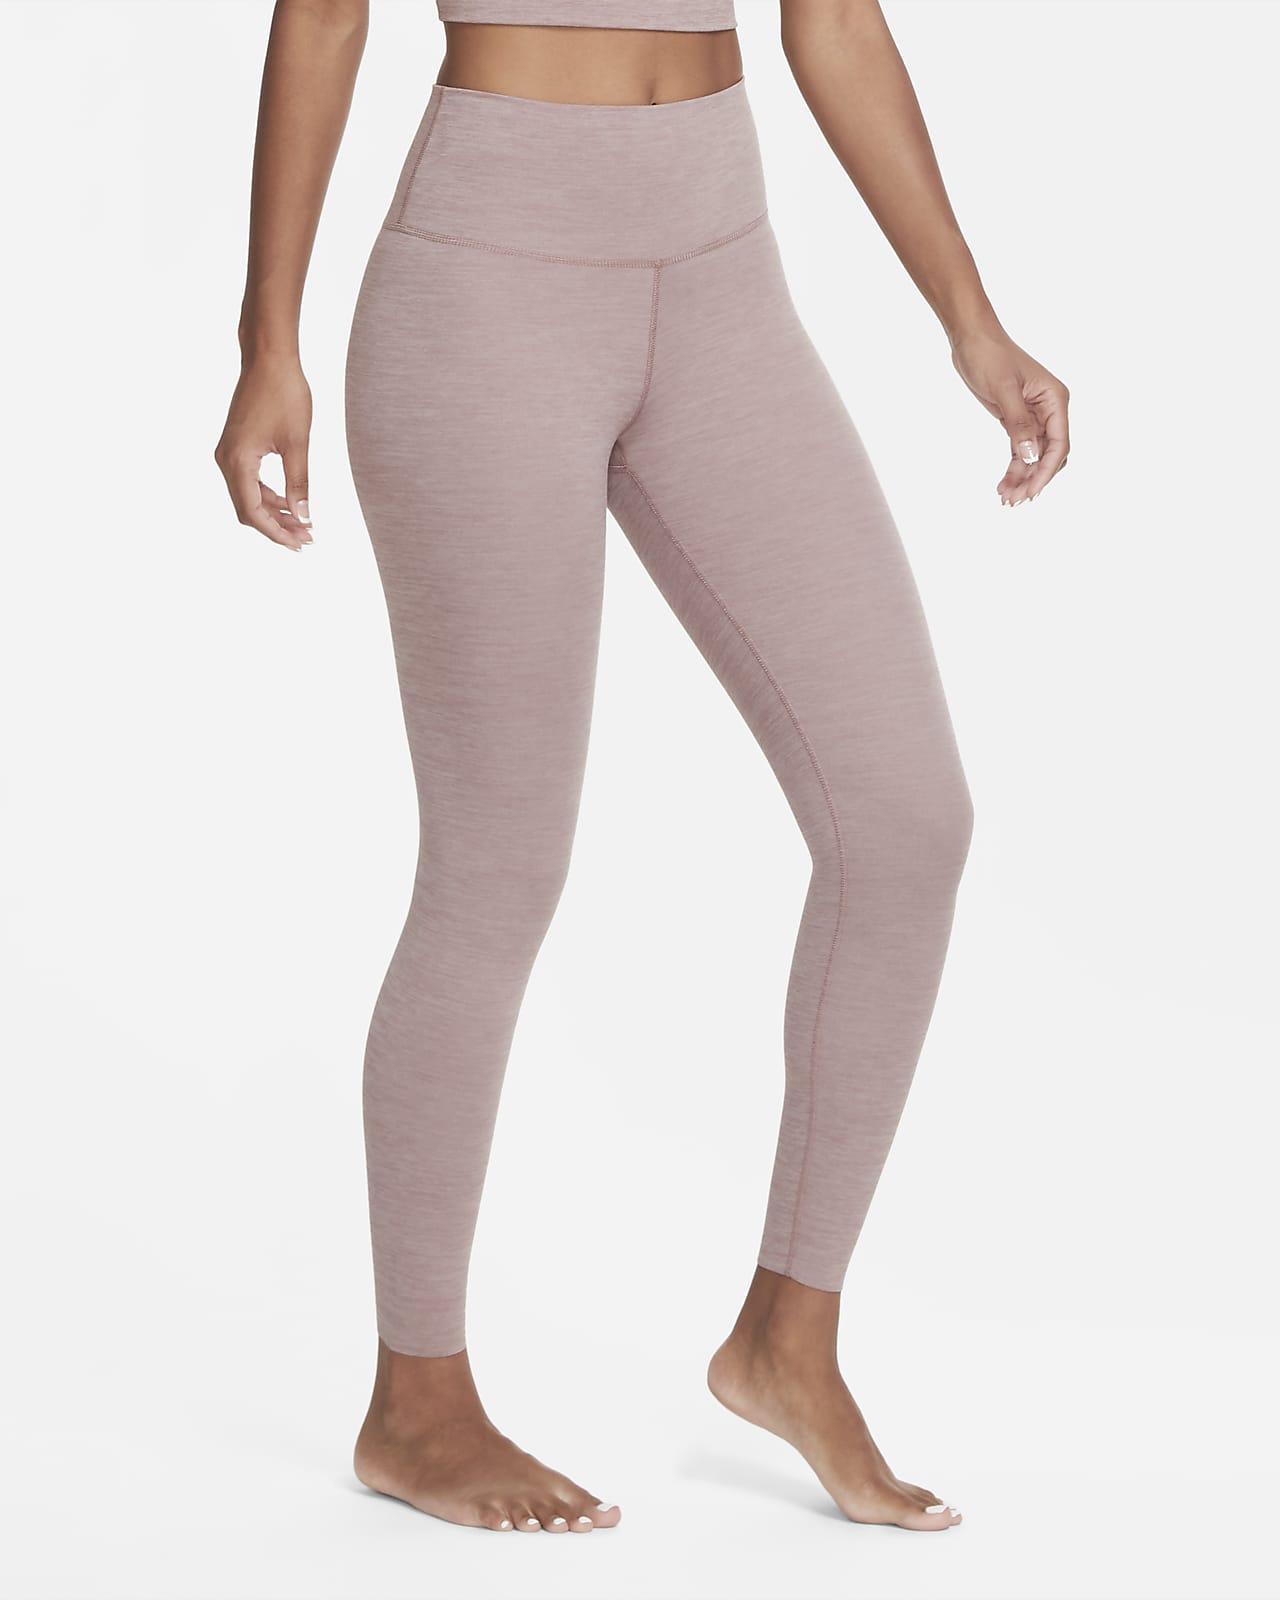 Женские слегка укороченные тайтсы из ткани Infinalon Nike Yoga Luxe